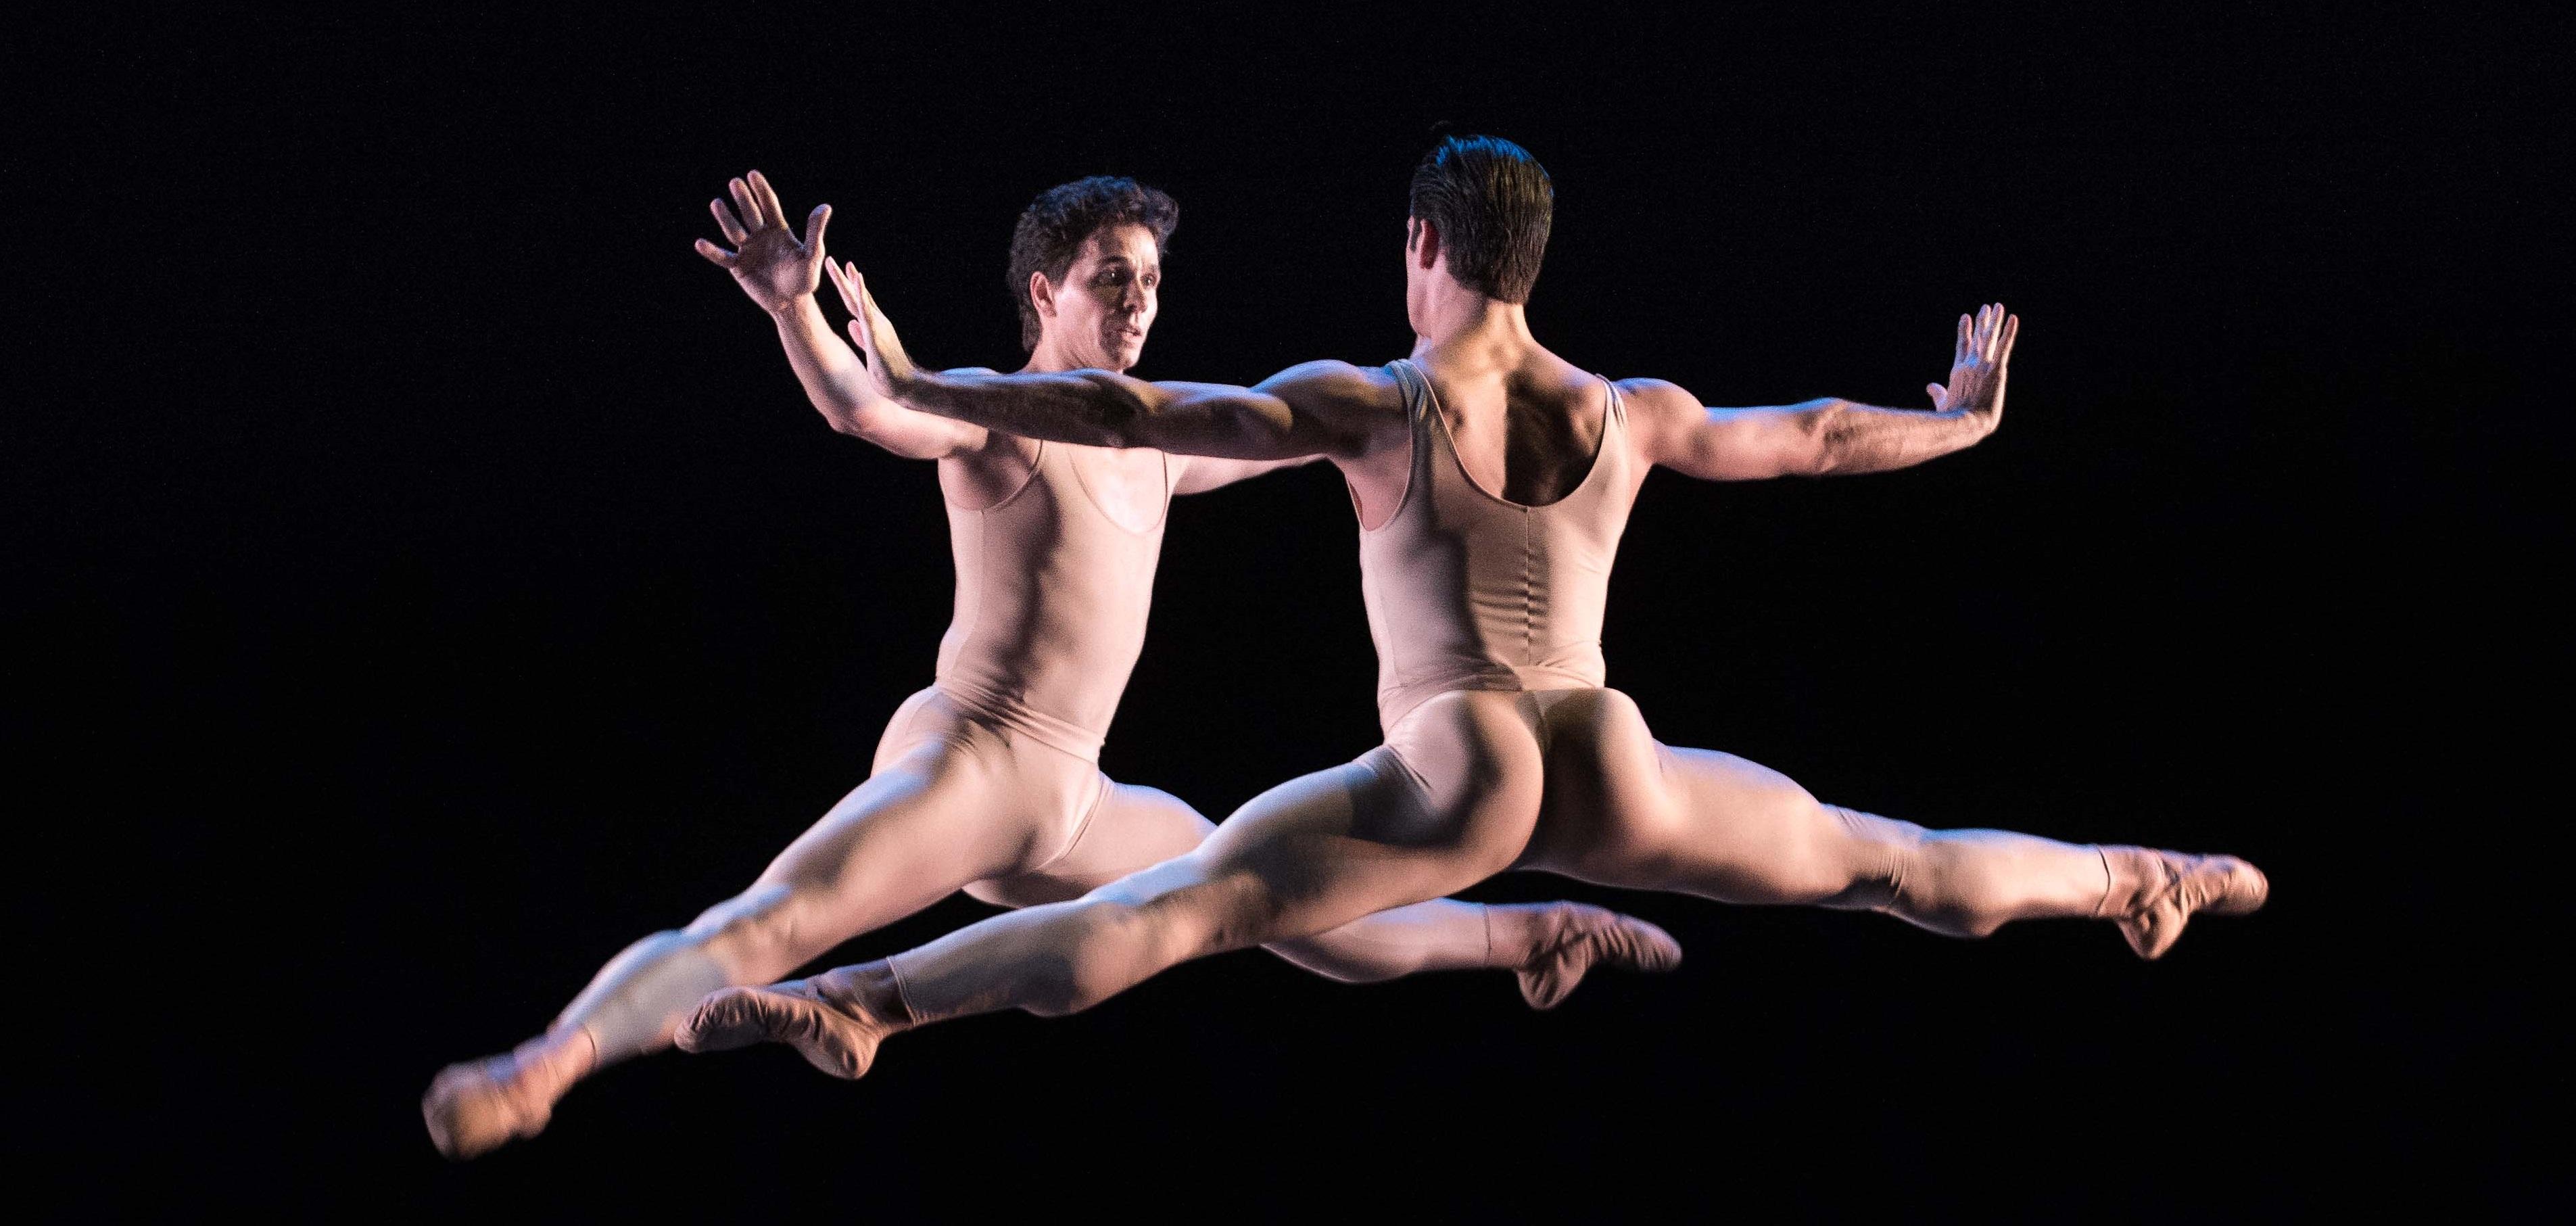 Фотовыставка «Импресарио. Траектория танца».